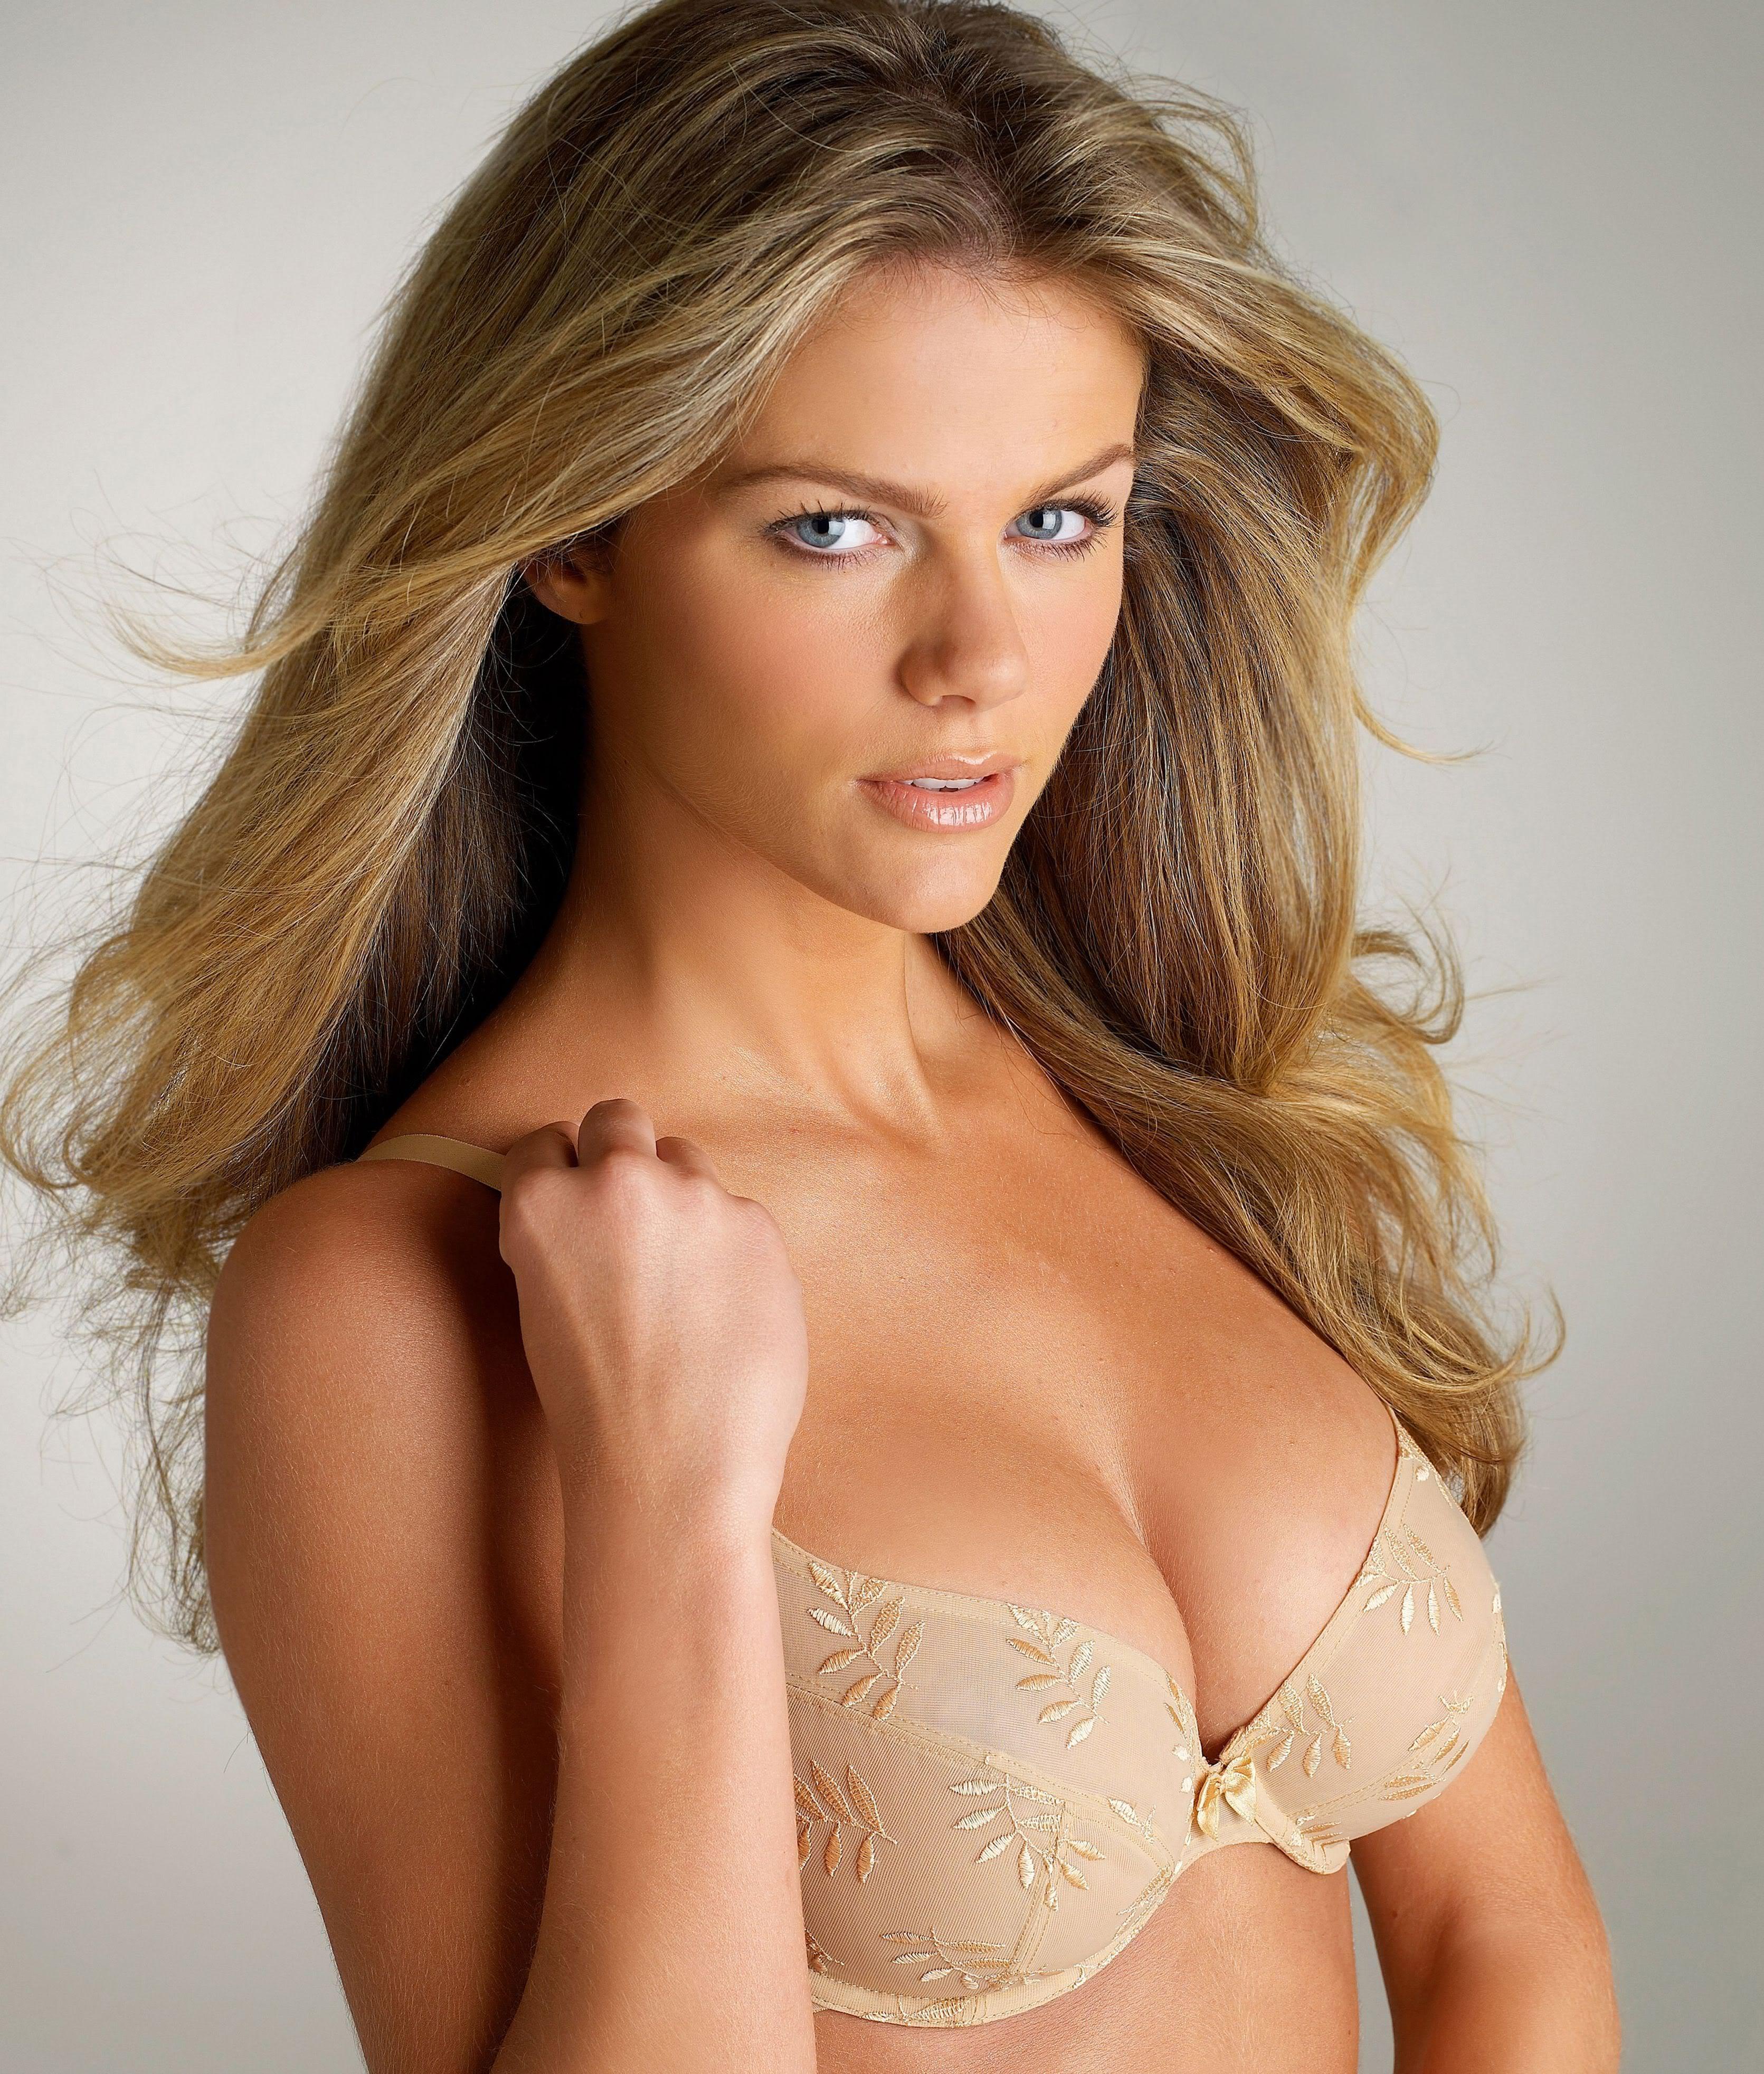 Brooklynn Starr - Model page